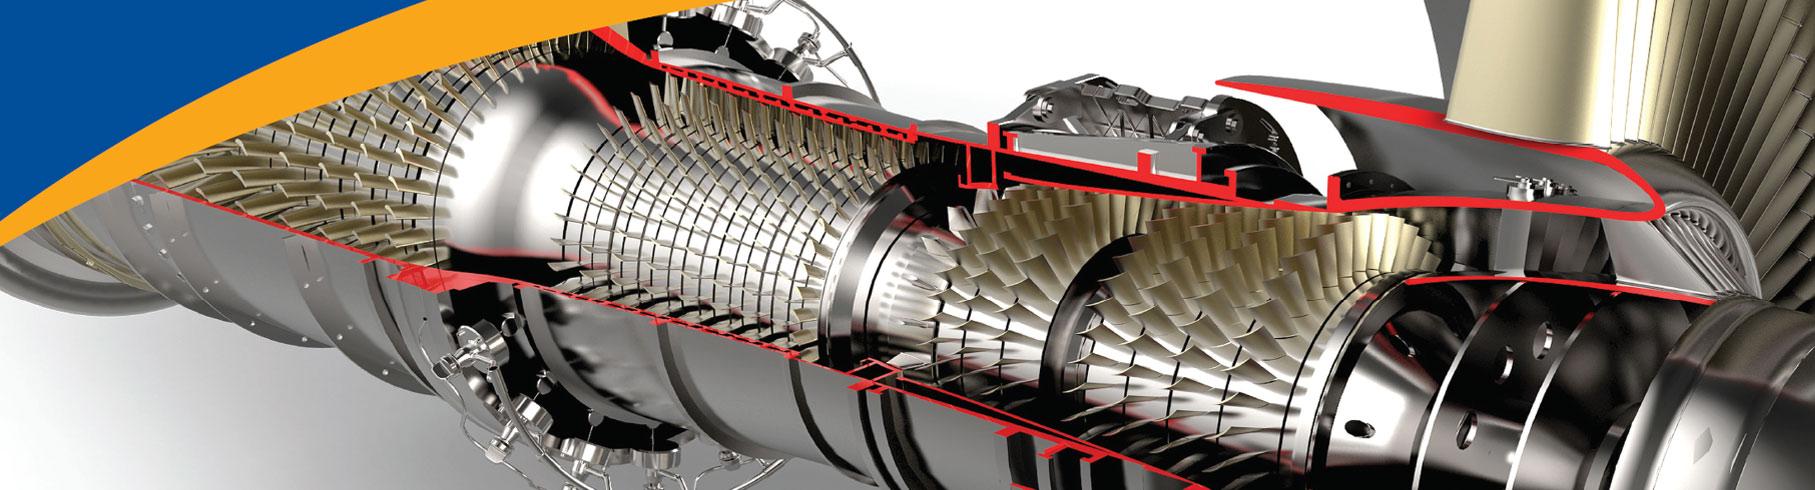 Integrated-Turbine-Rotor-Measurement